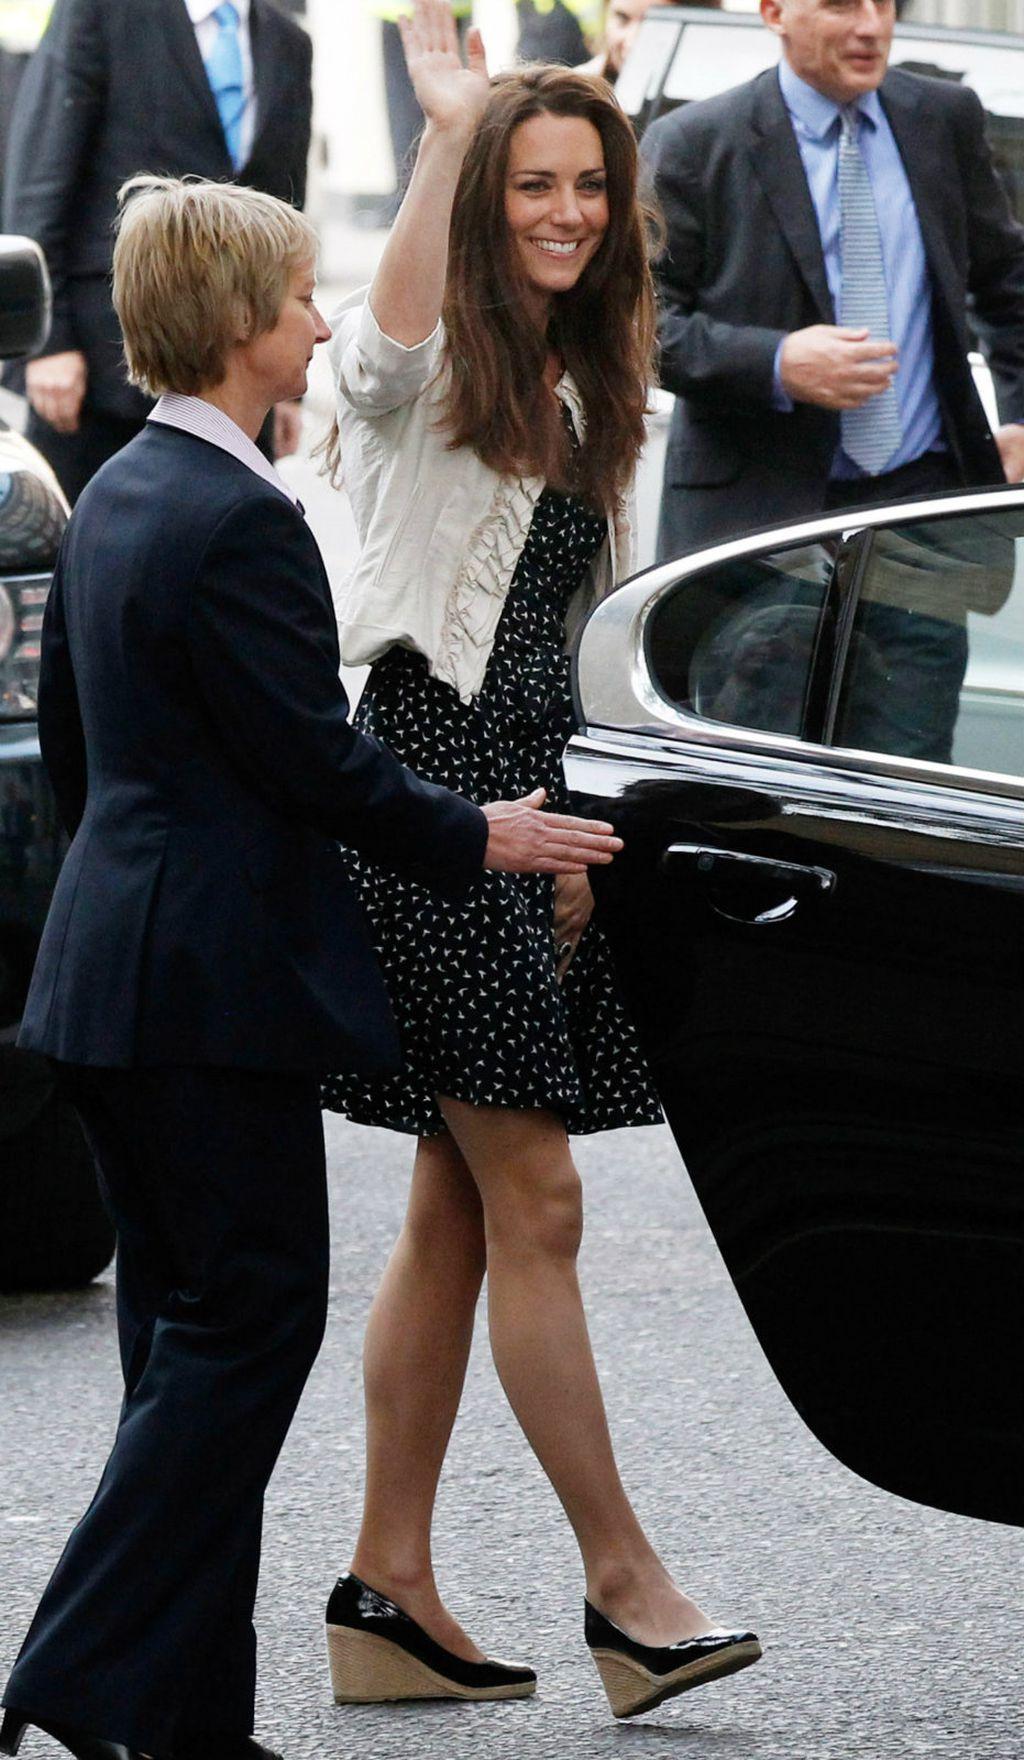 Catherine se od platformi nije odvajala ni dan uoči svog vjenčanja 2011. godine